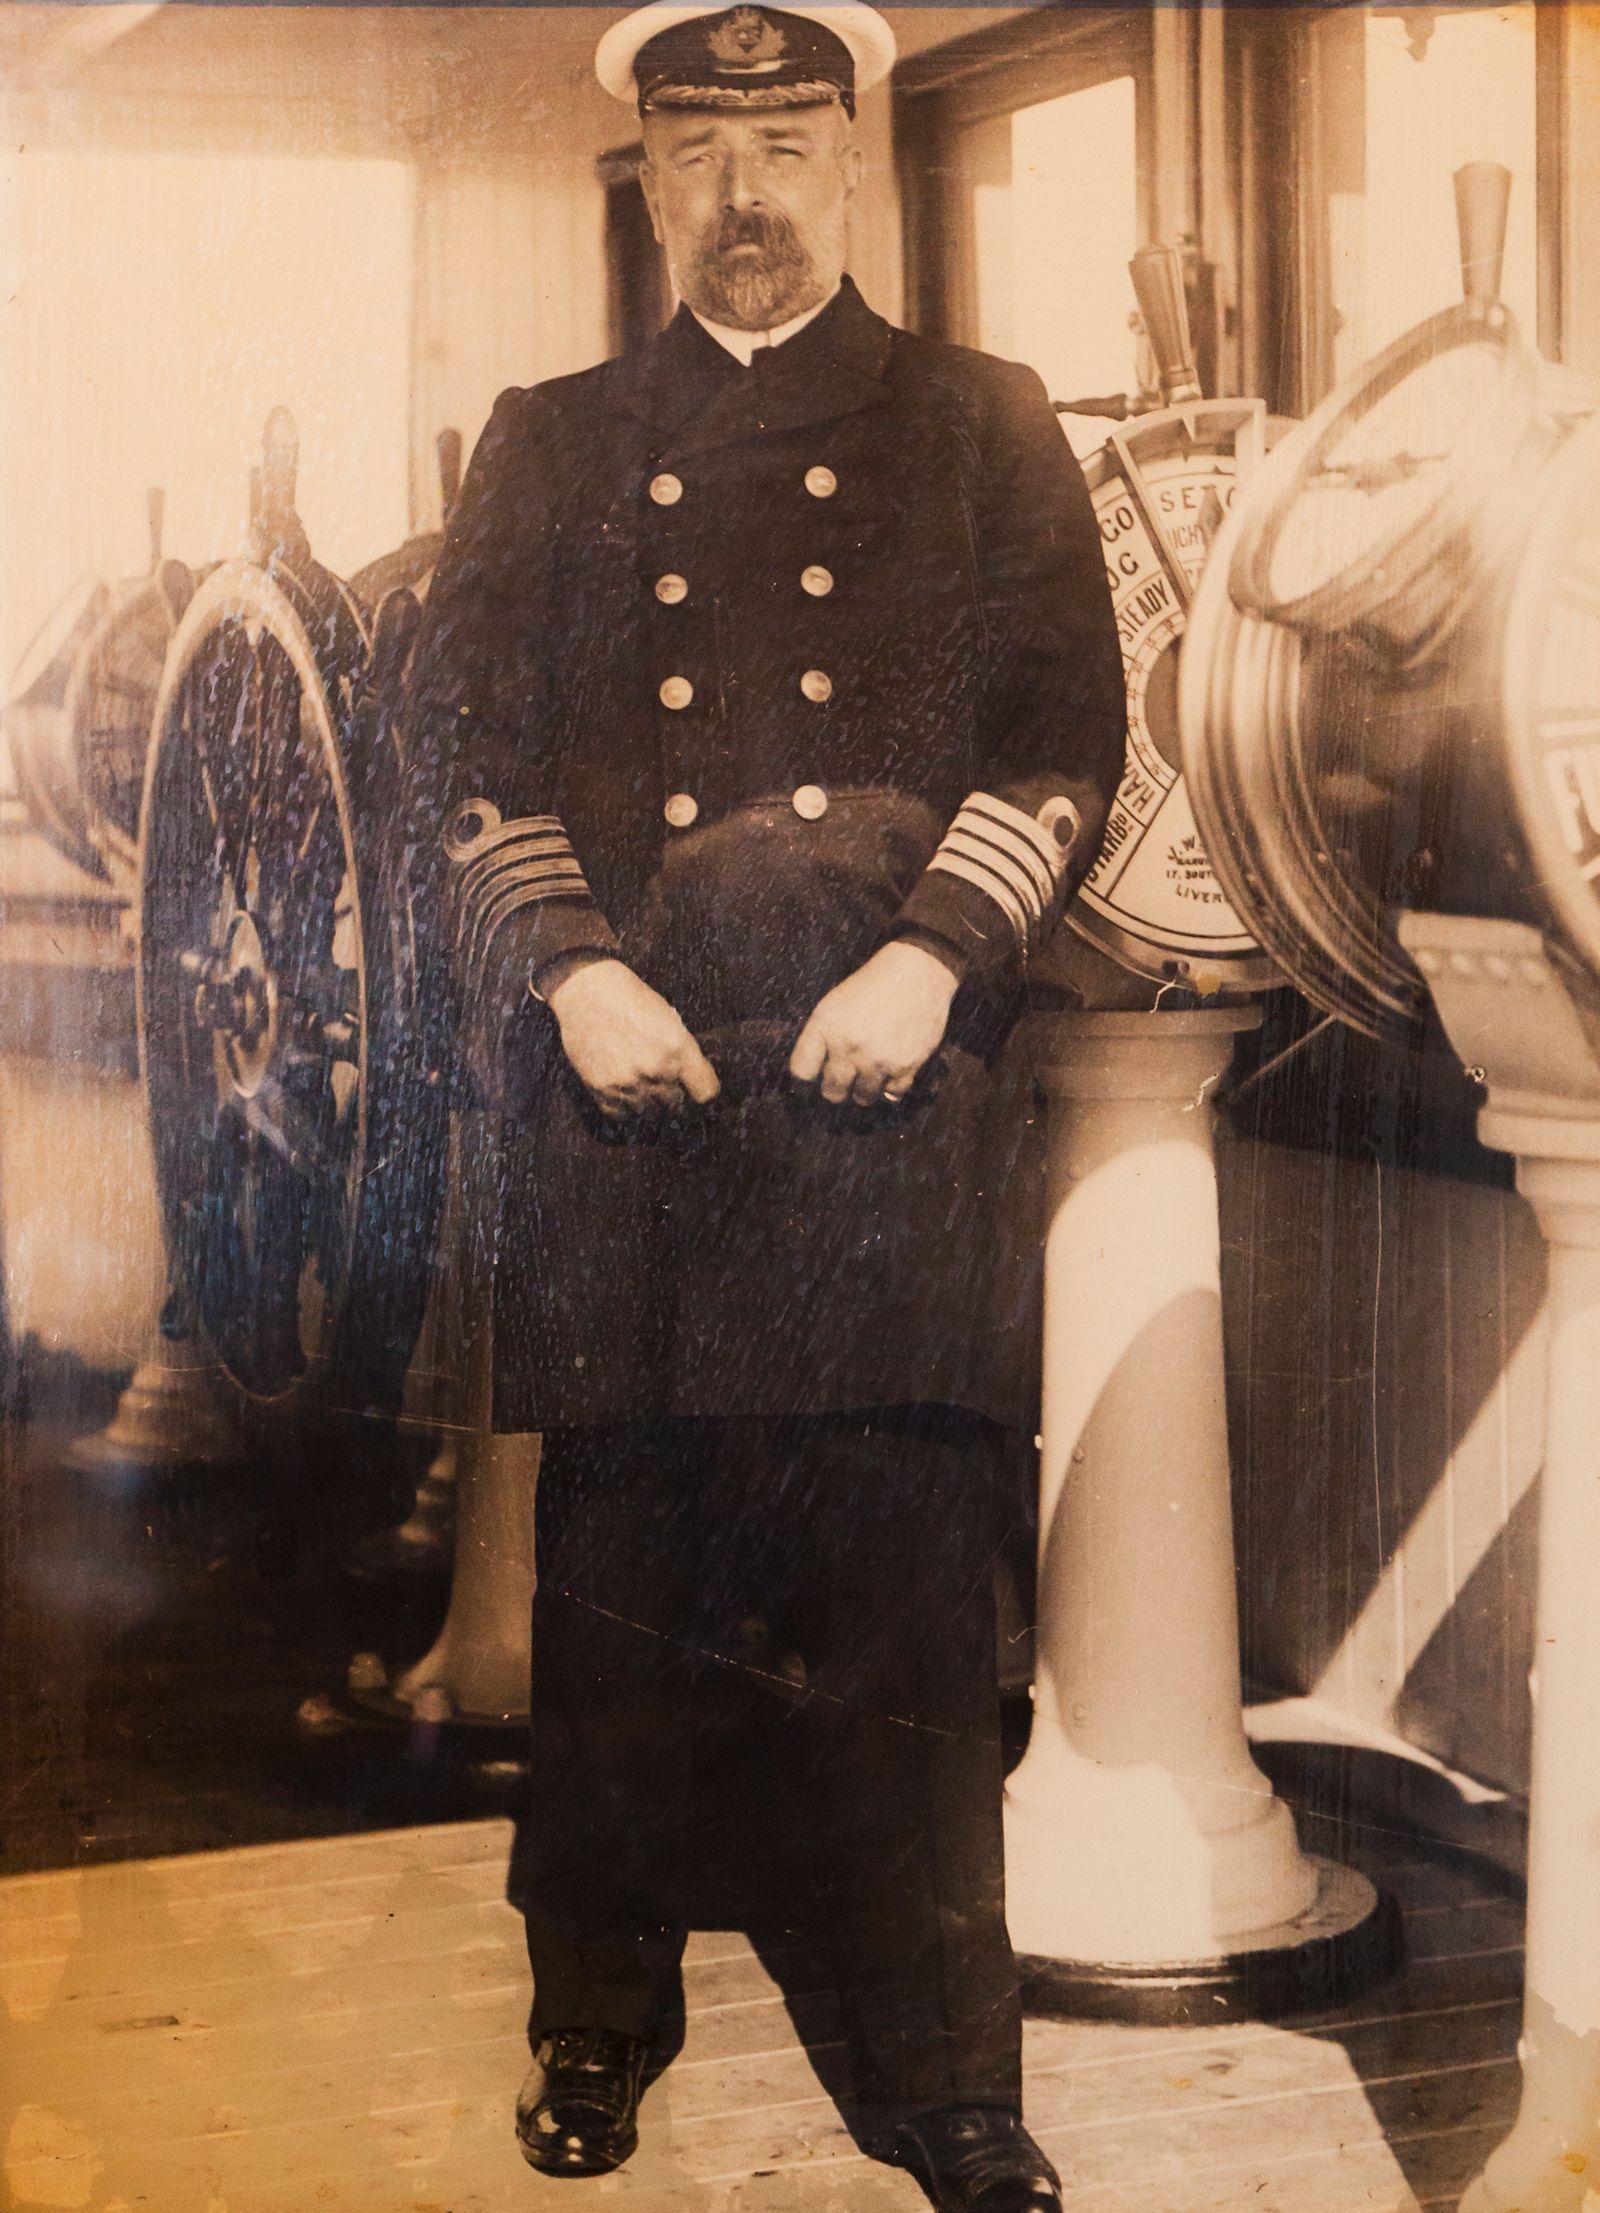 Kapitän von Bord - Captain Edward John Smith